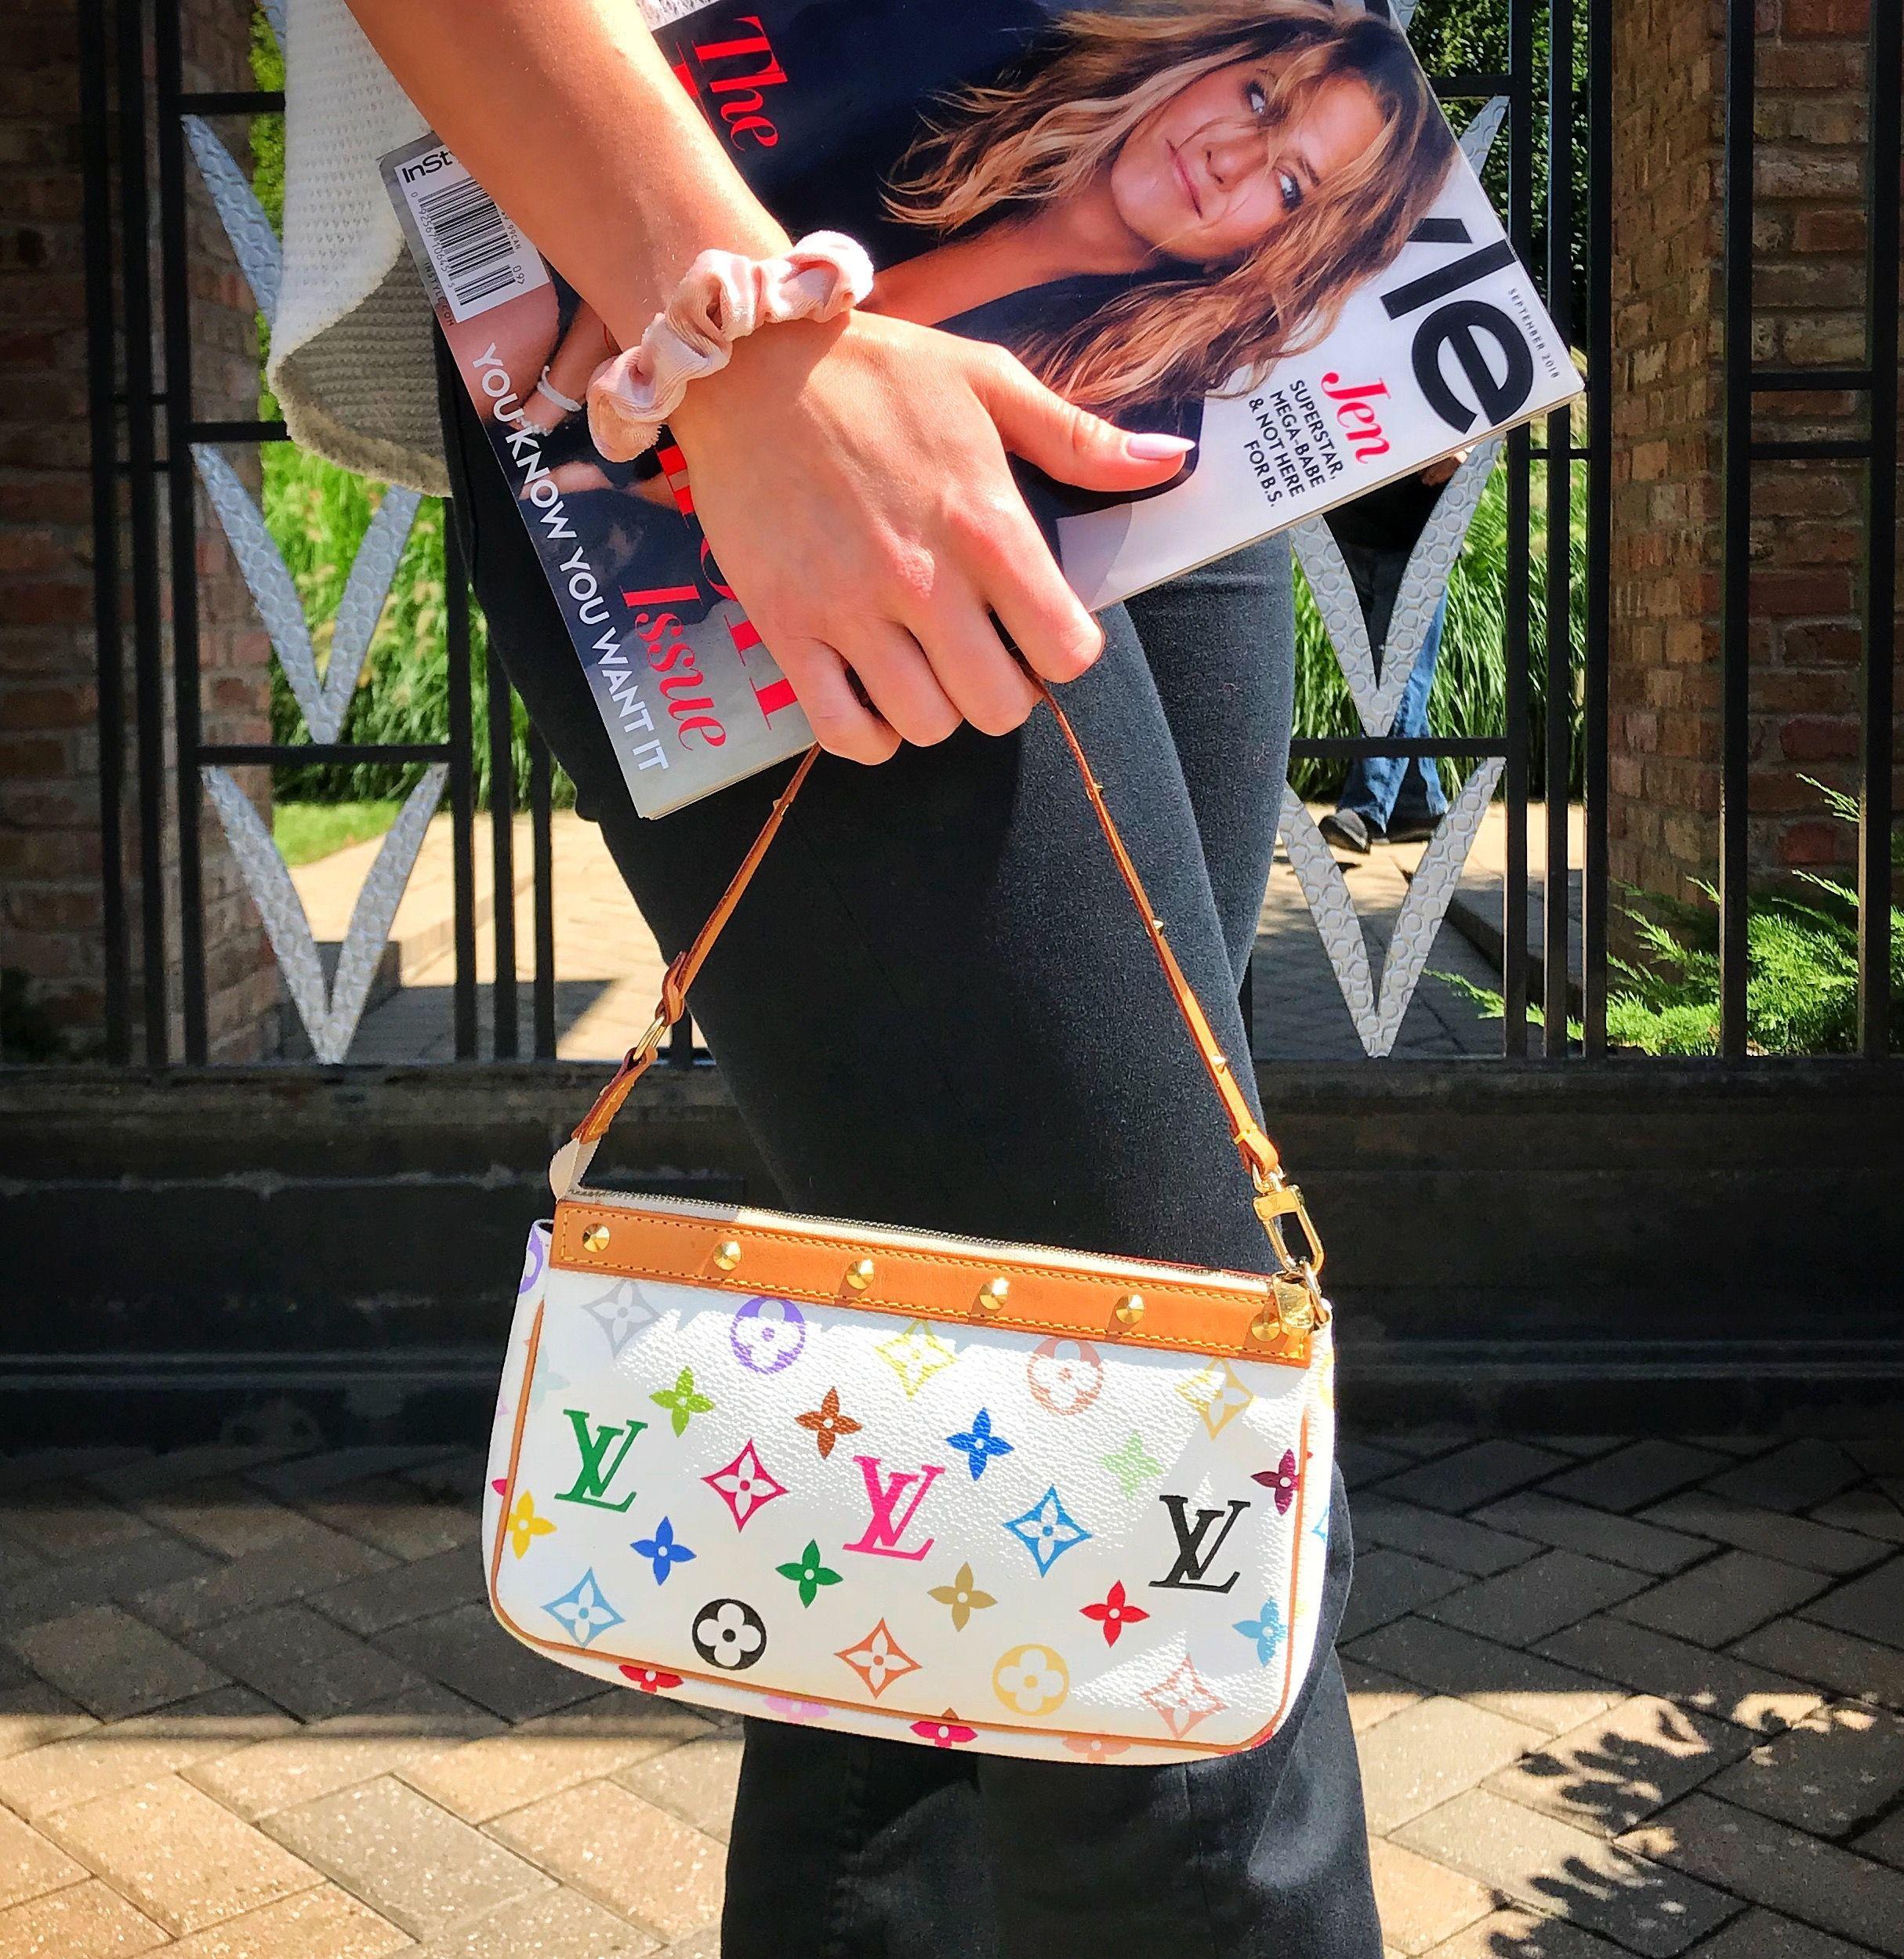 17 Louis Vuitton Multicolor Monogram Pochette Louis Vuitton Multicolor Monogram Pochette – DesignerShare